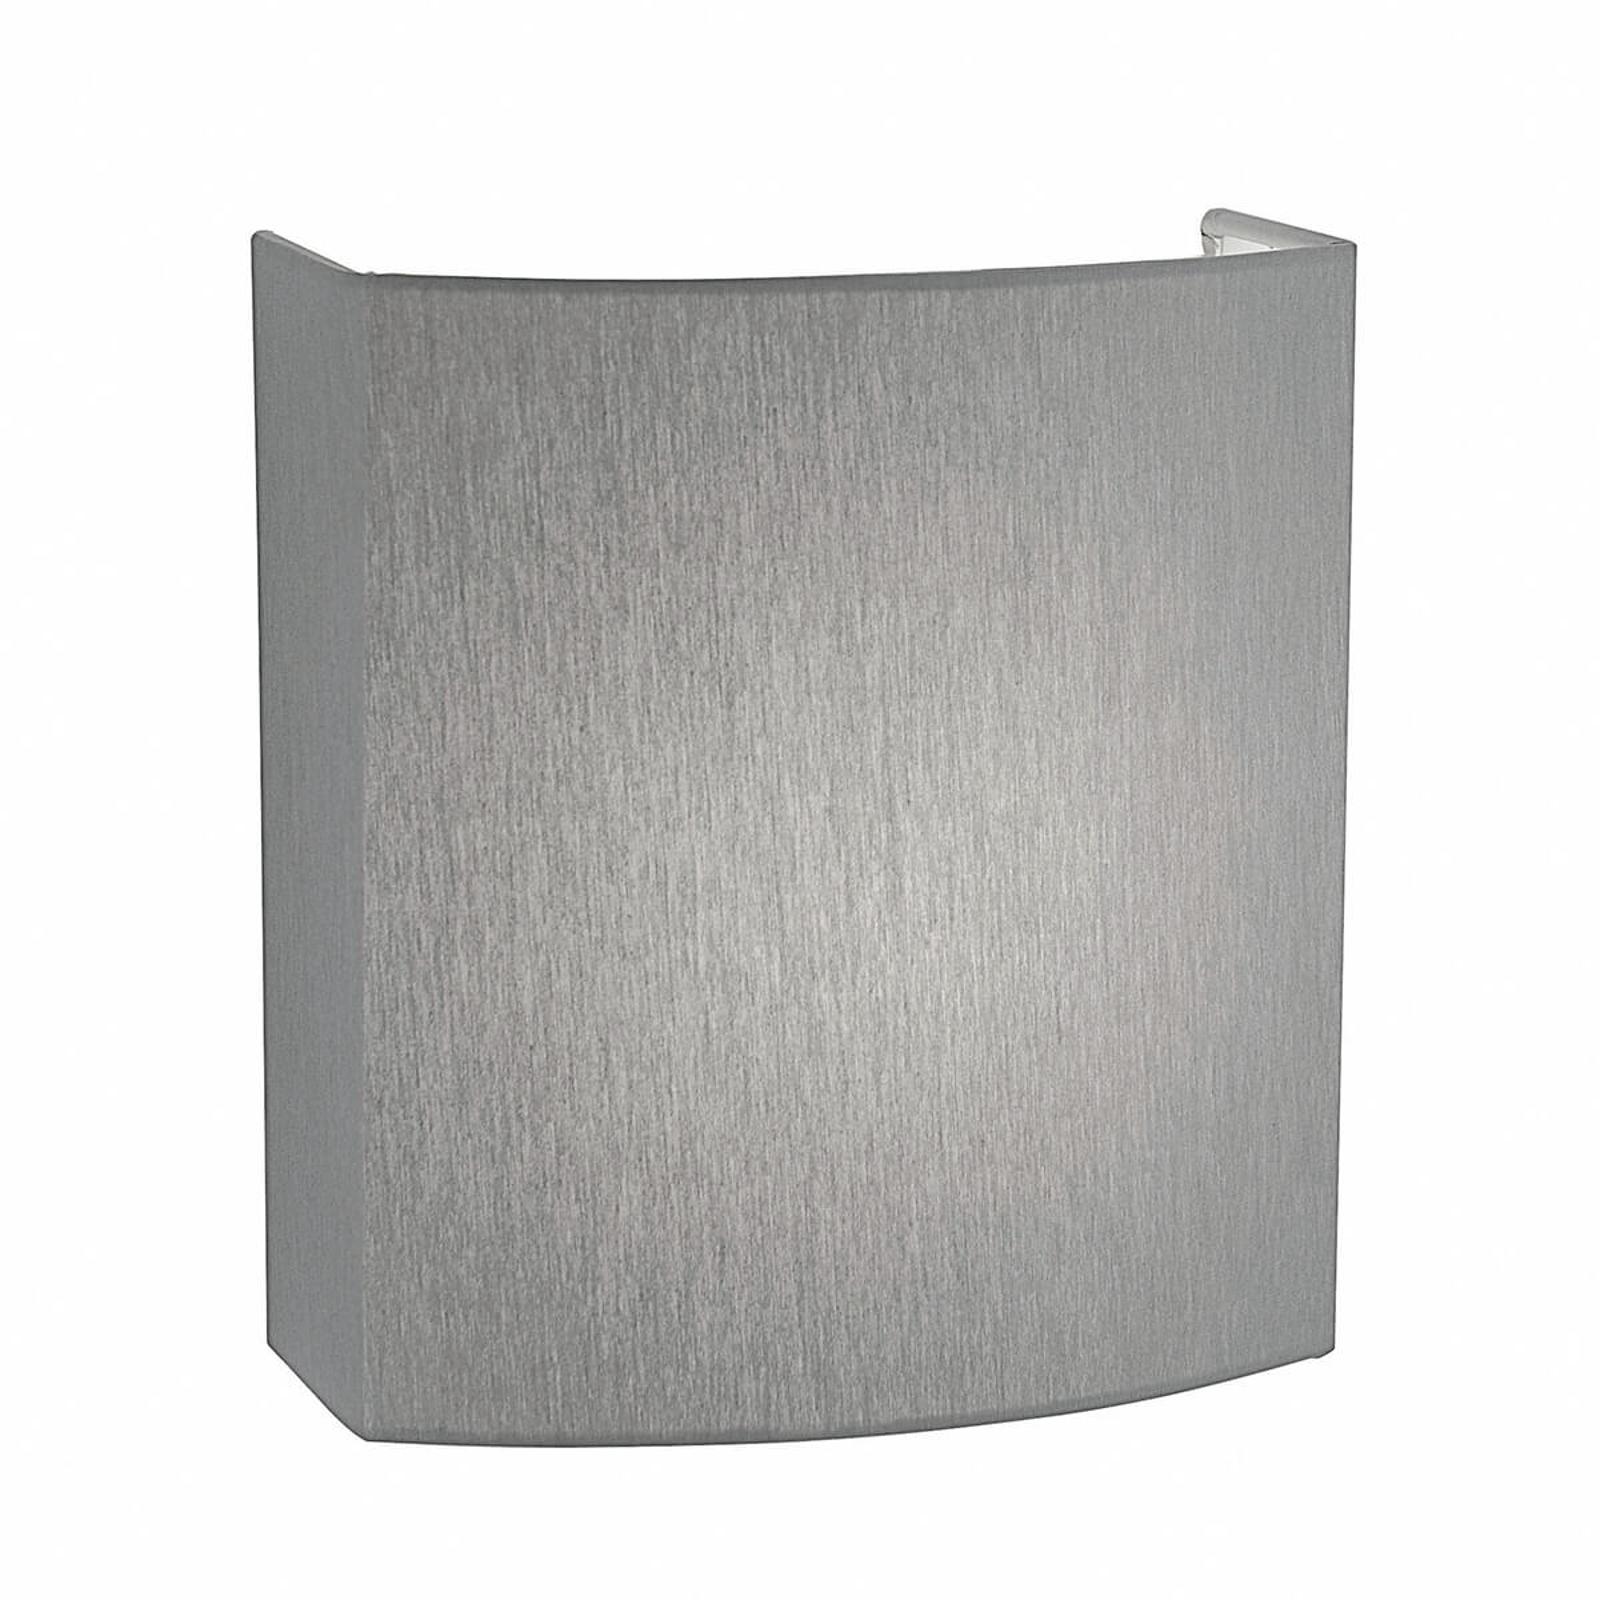 Chintz gris clair - applique LED Livia, dimmable